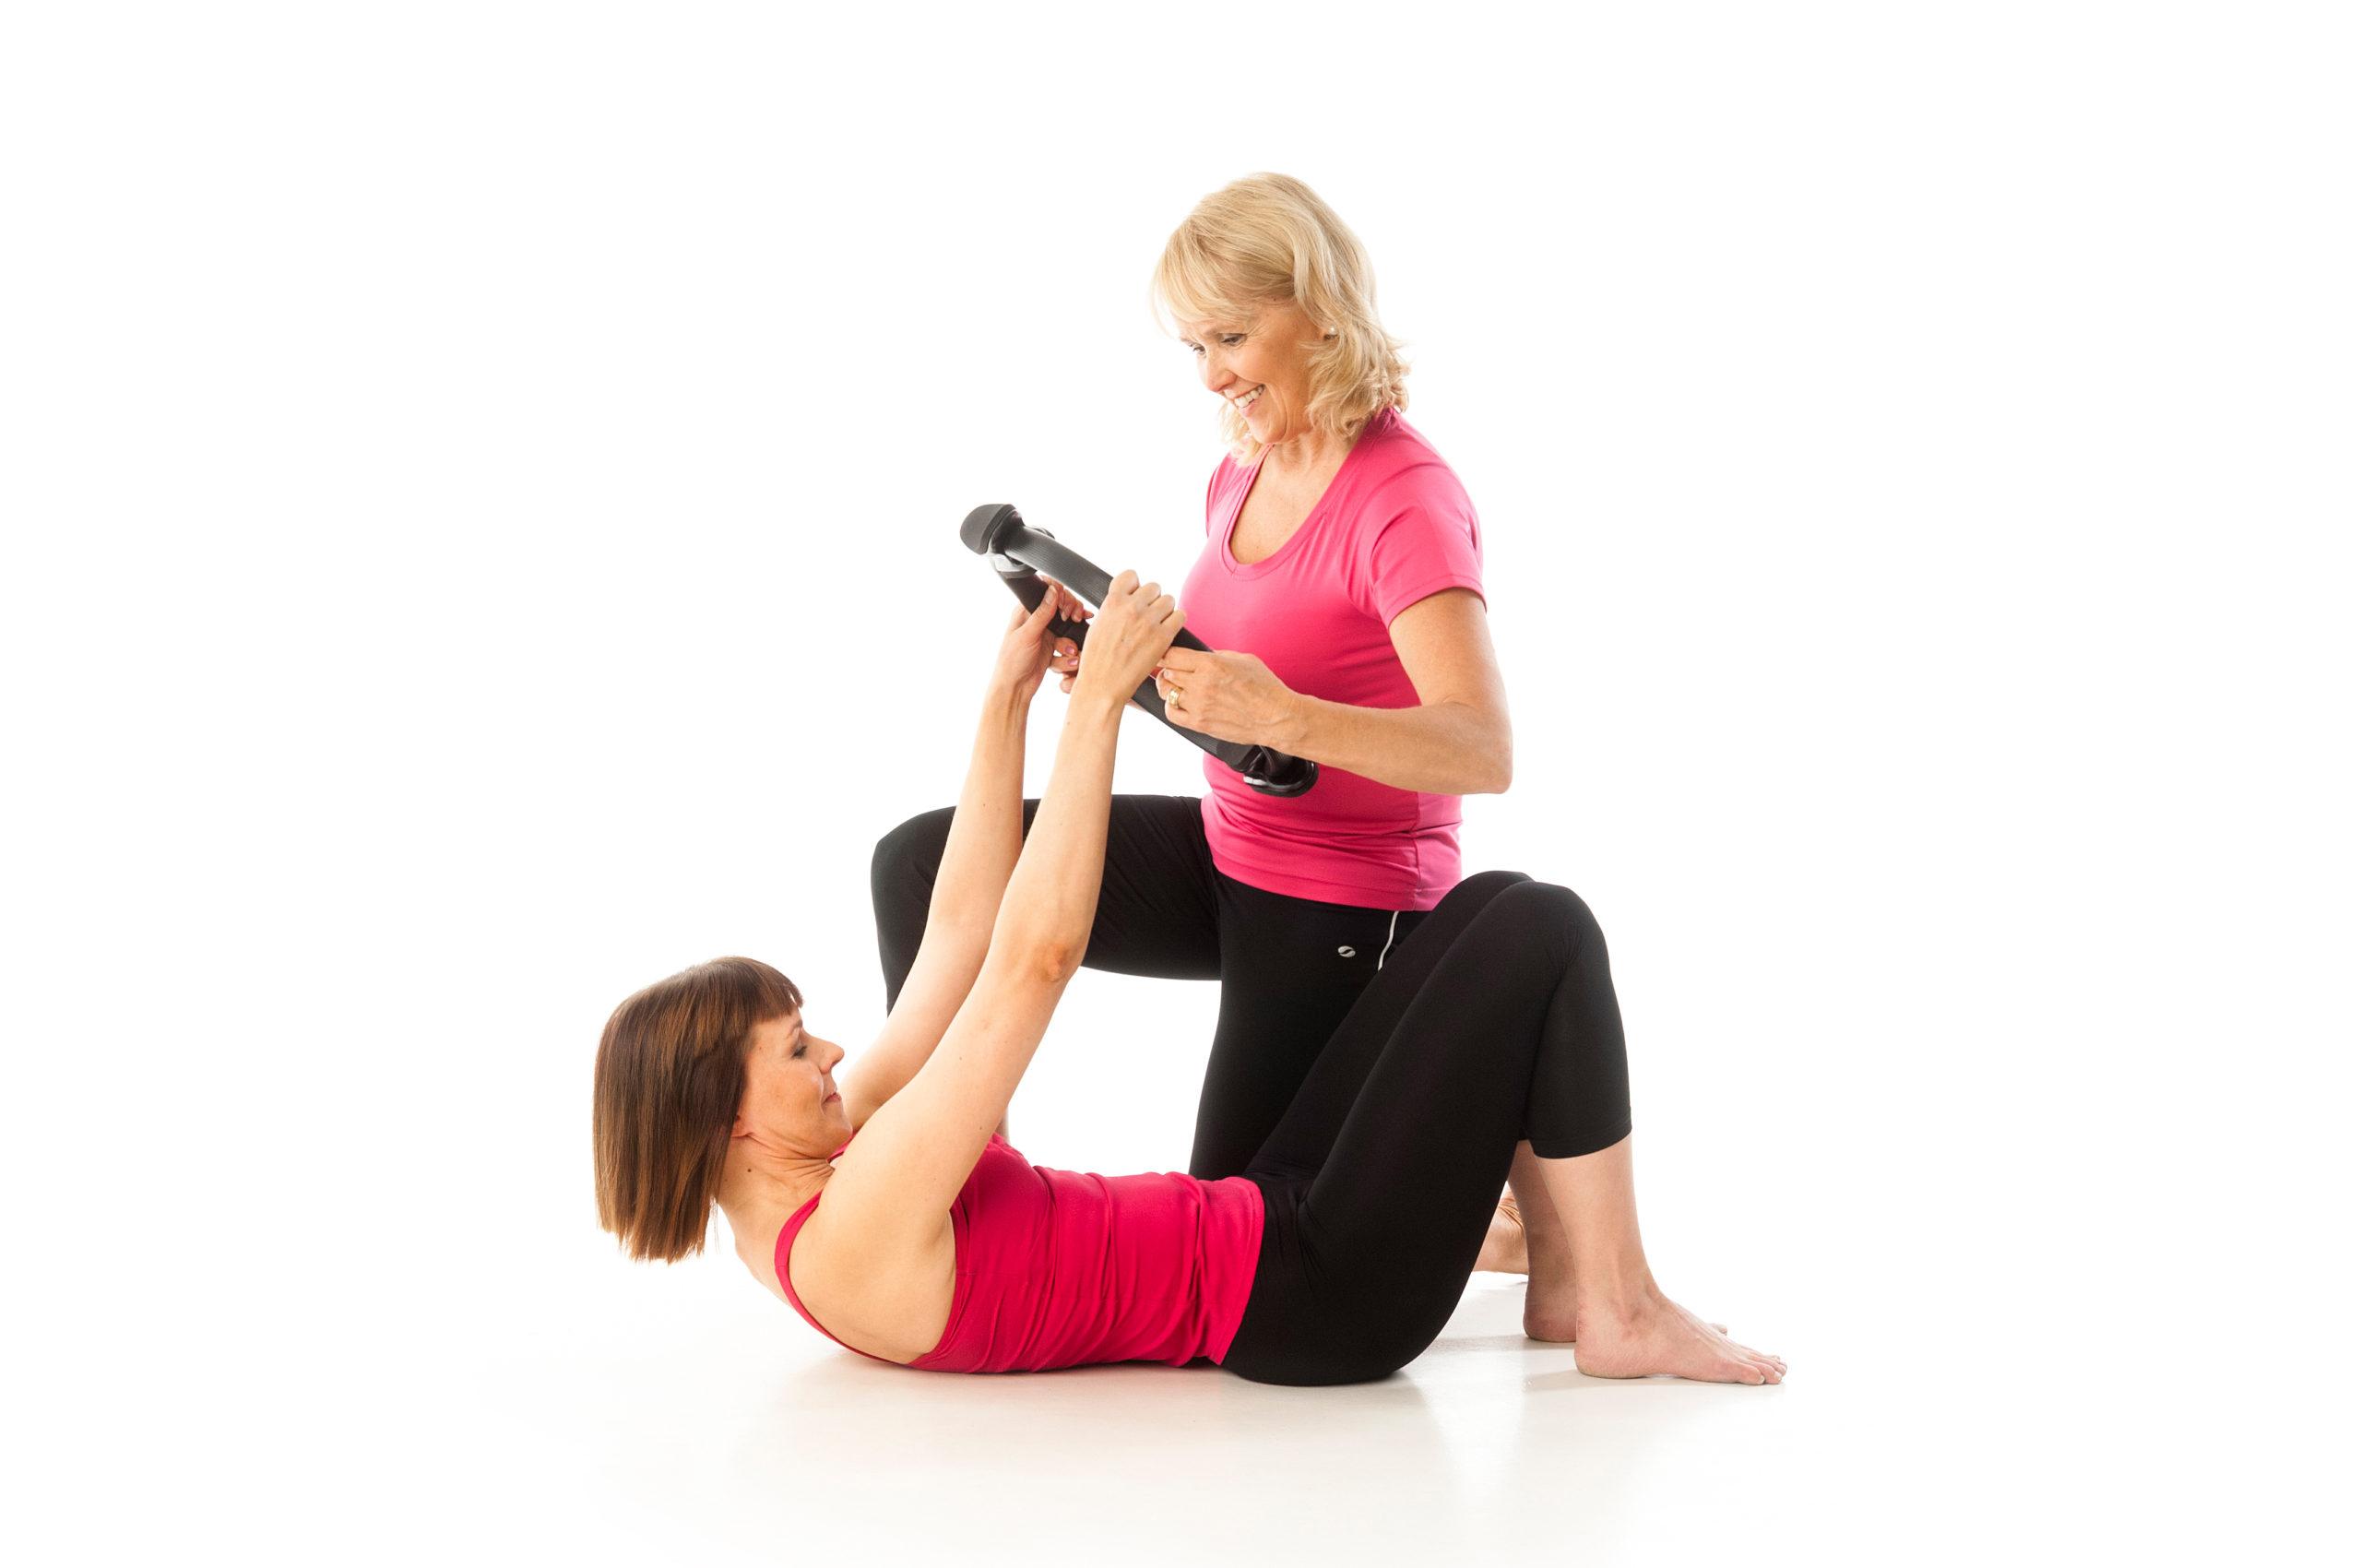 Toinen nainen koukkuselinmakuulla toinen nainen ohjaa Pilates-renkaalla